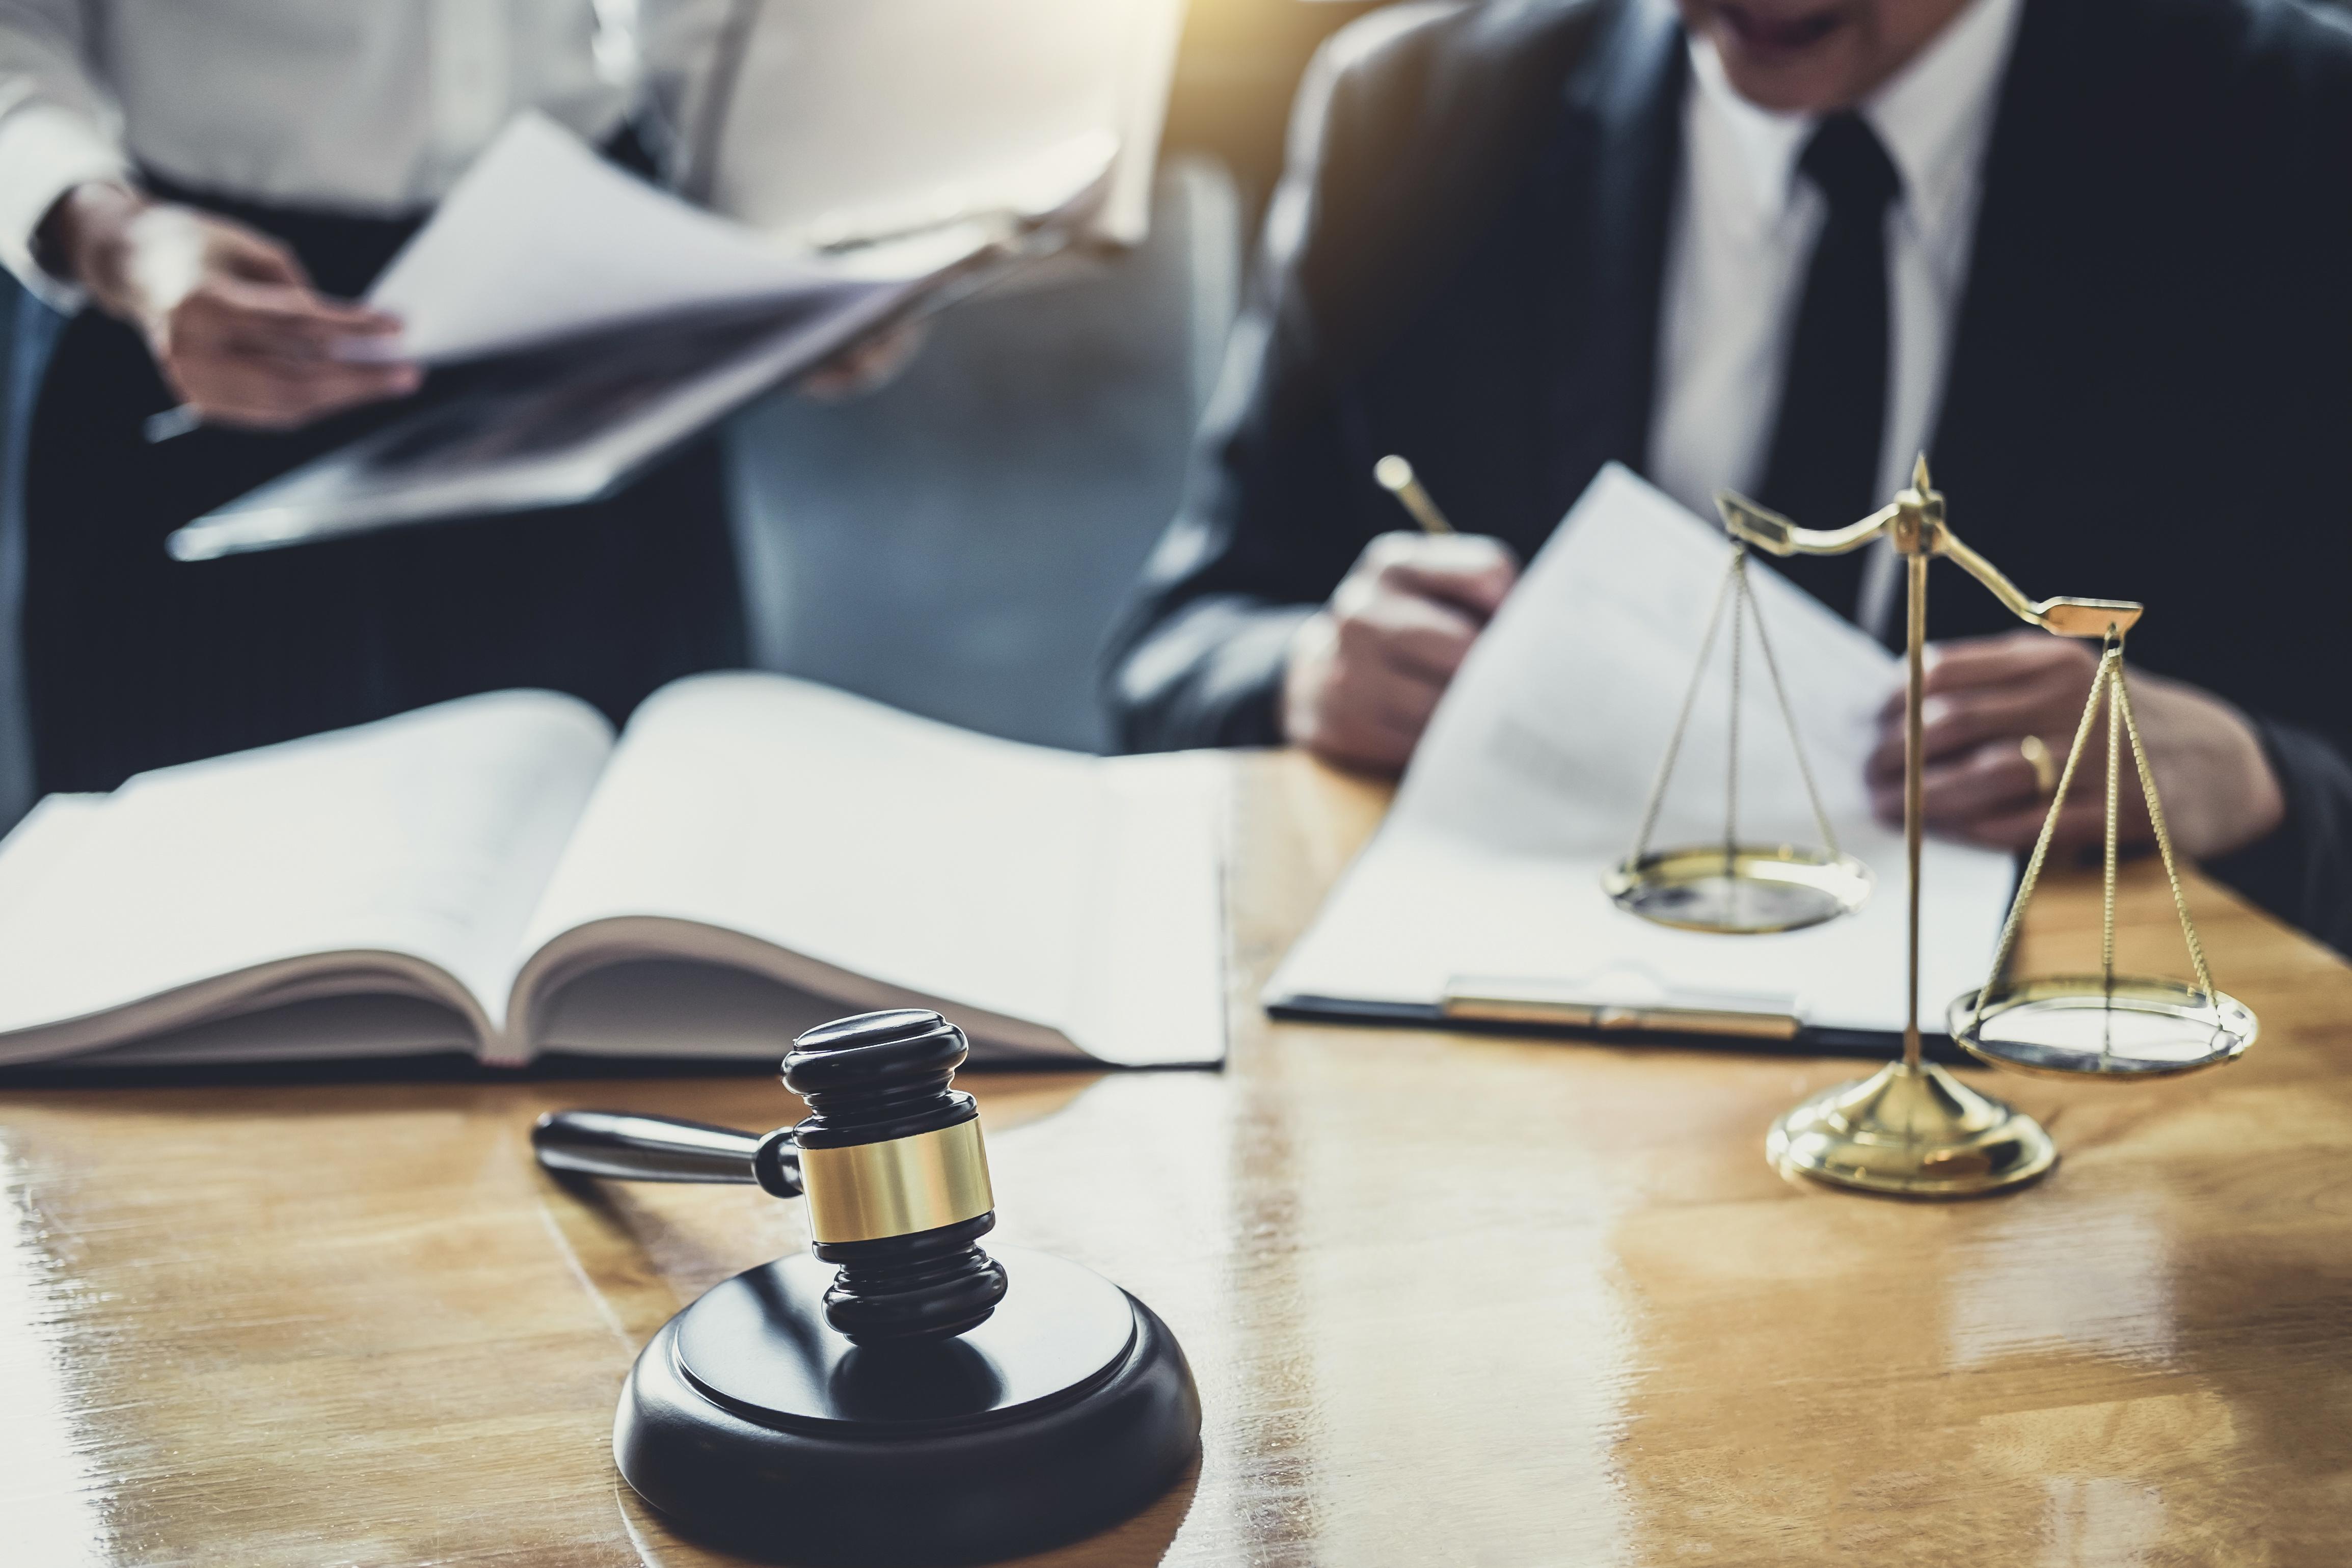 lawyer file injury case